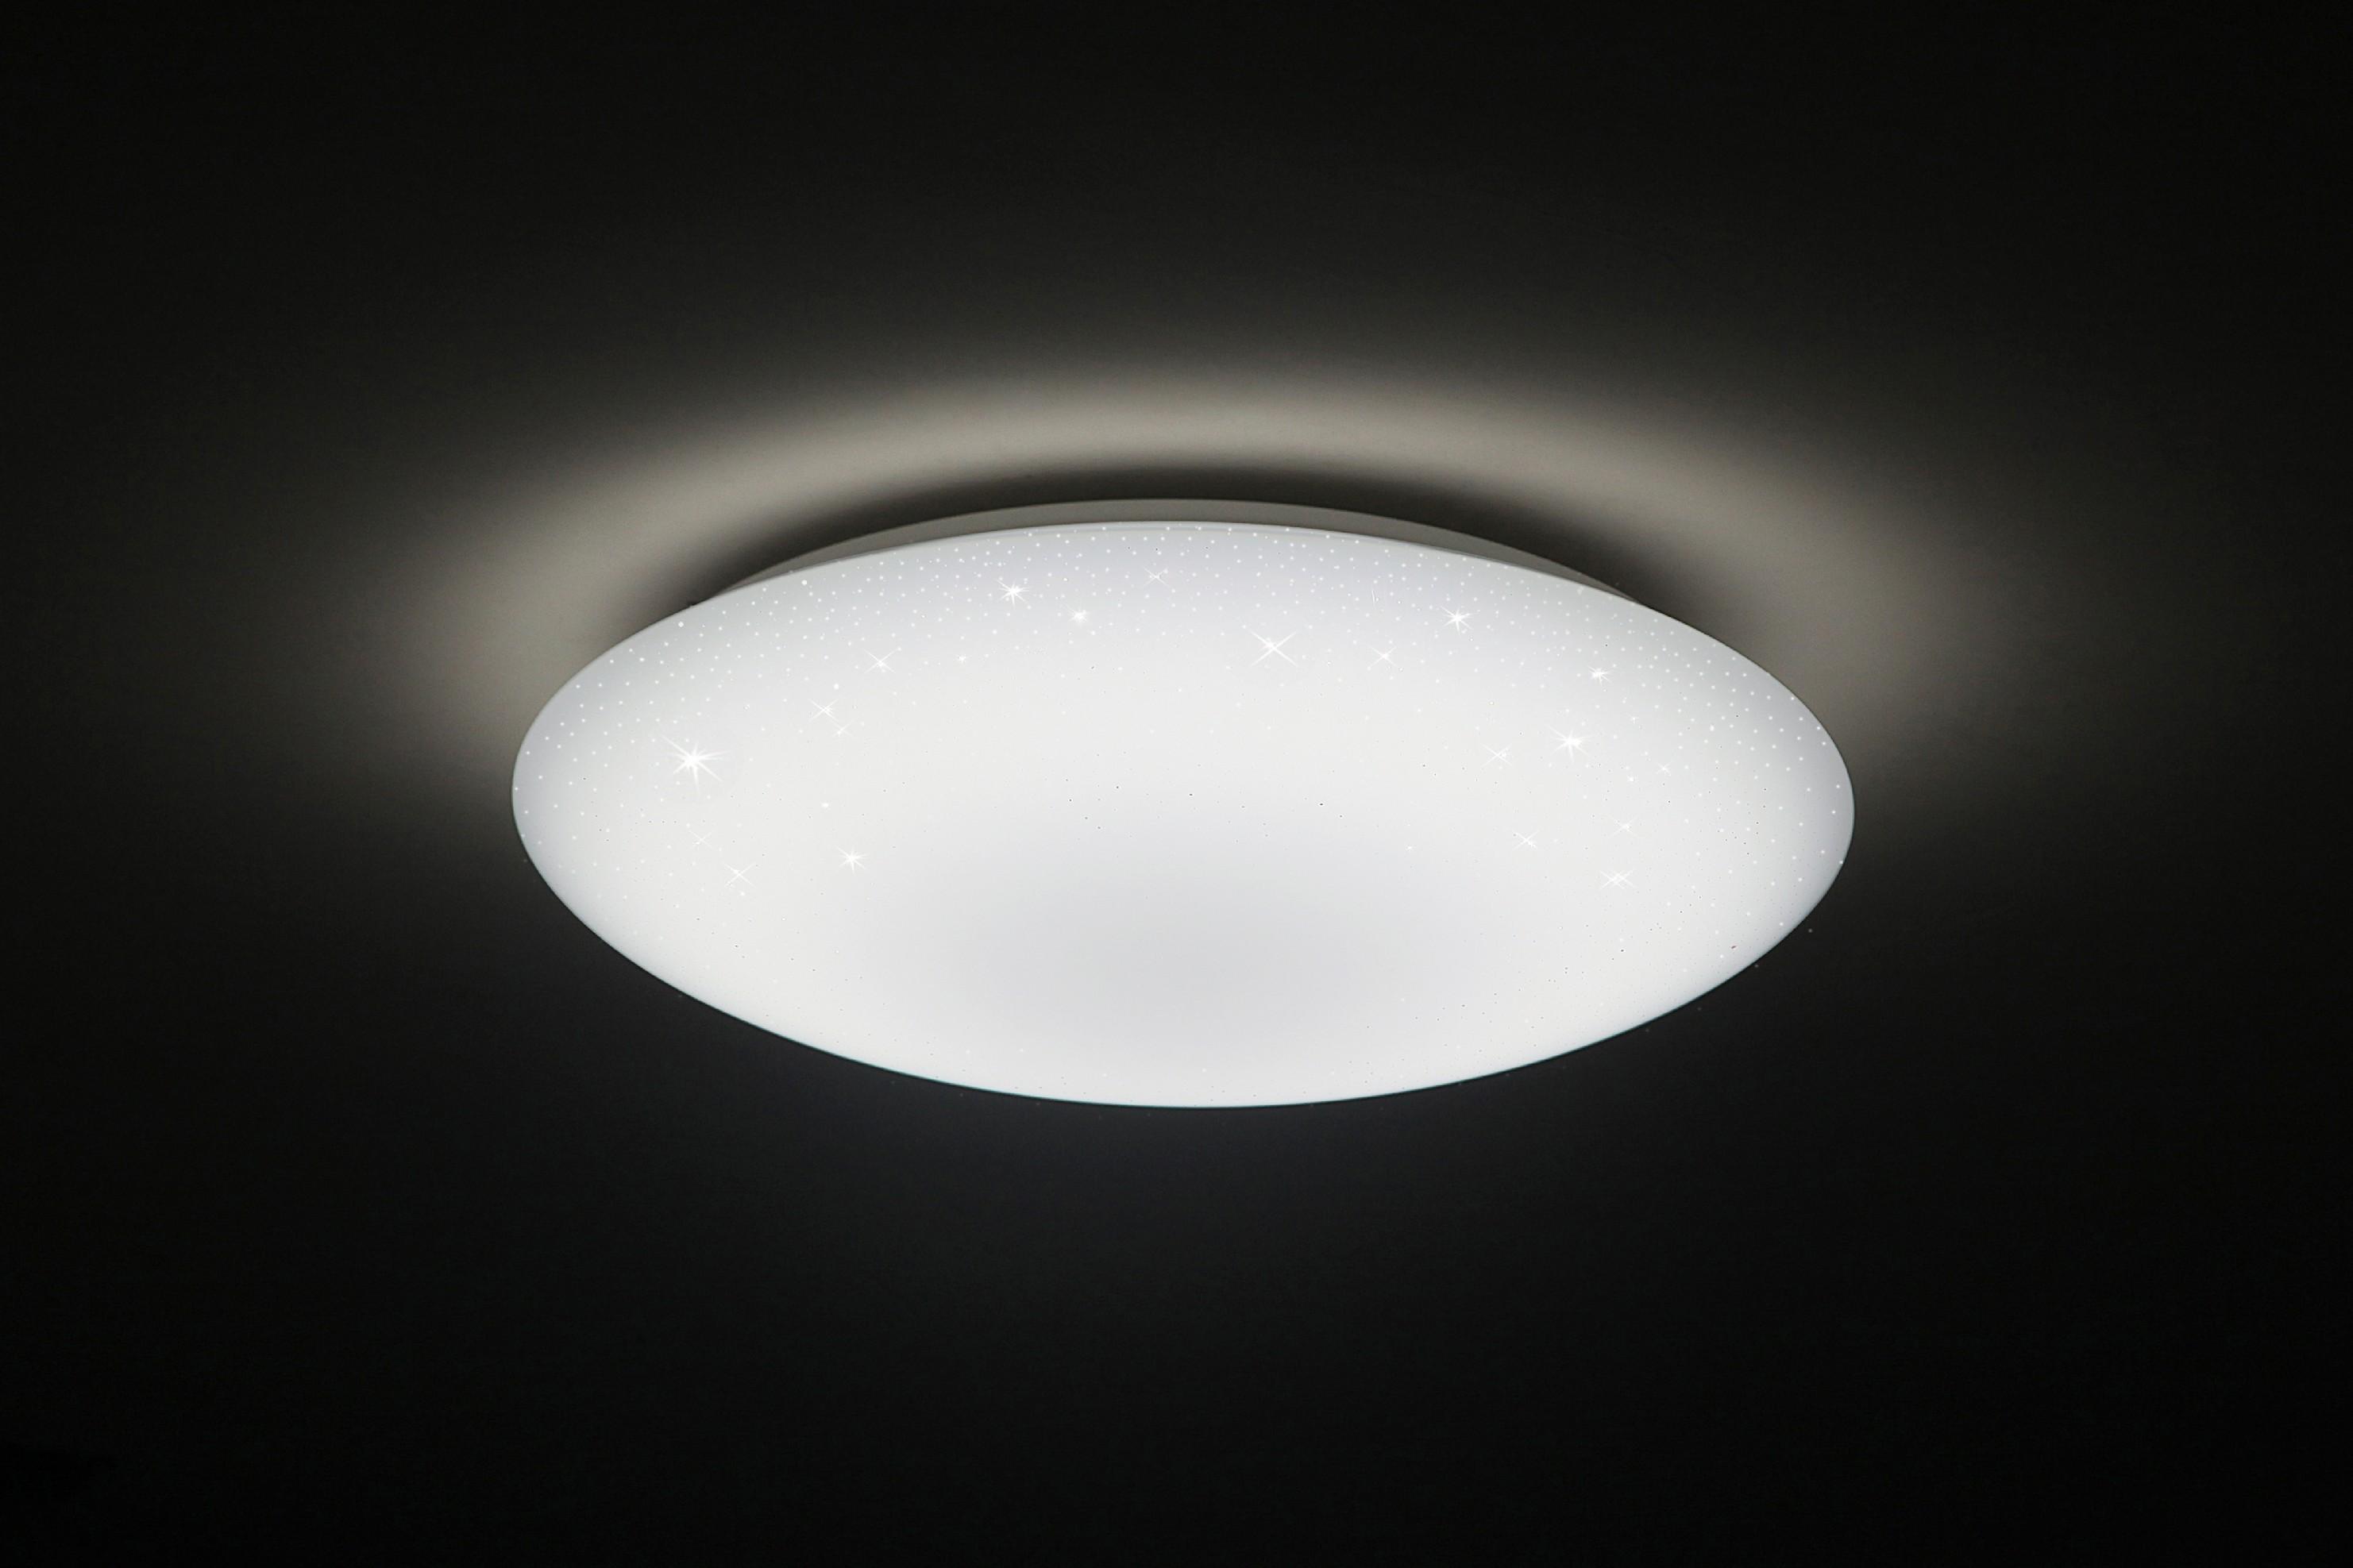 Inteligentní ECO LED svítidlo - Dalen DL-C415TXW WiFi - Hvězdné nebe + LED lampička Solight s klipem (různé barvy)